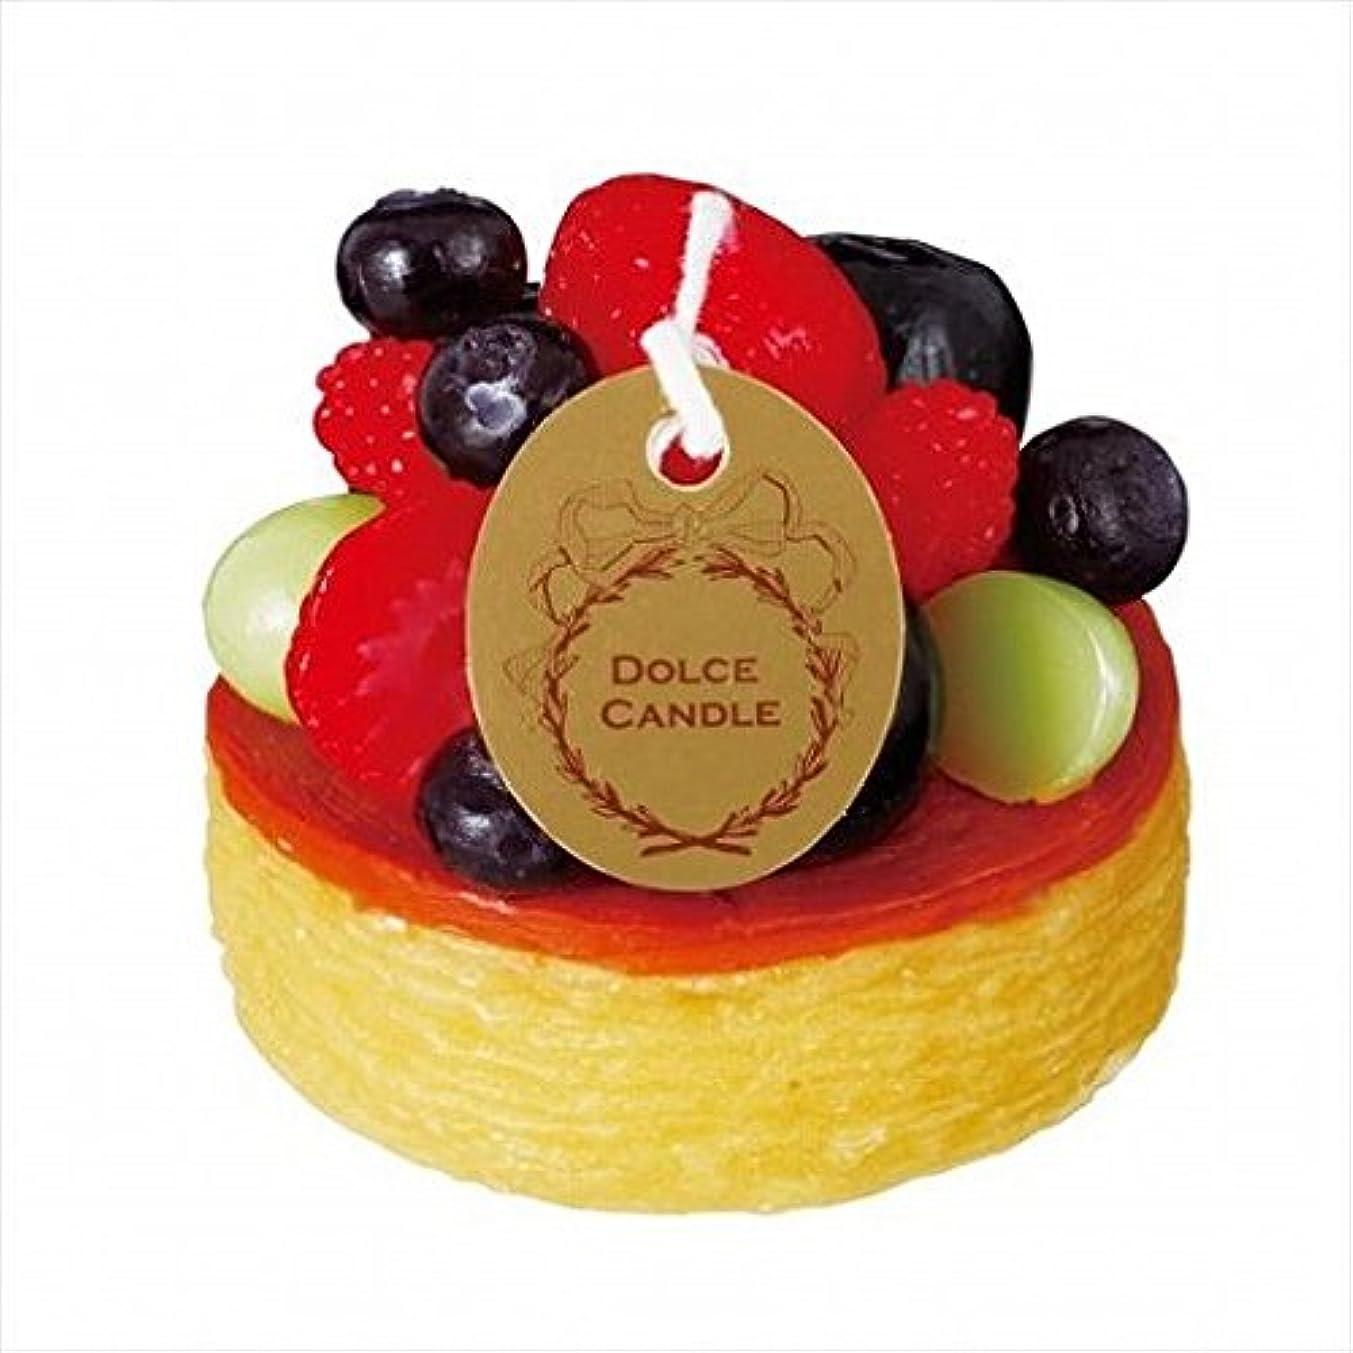 逃すほんの順番sweets candle(スイーツキャンドル) ドルチェキャンドル 「 フルーツタルト 」 キャンドル 62x62x53mm (A4340520)